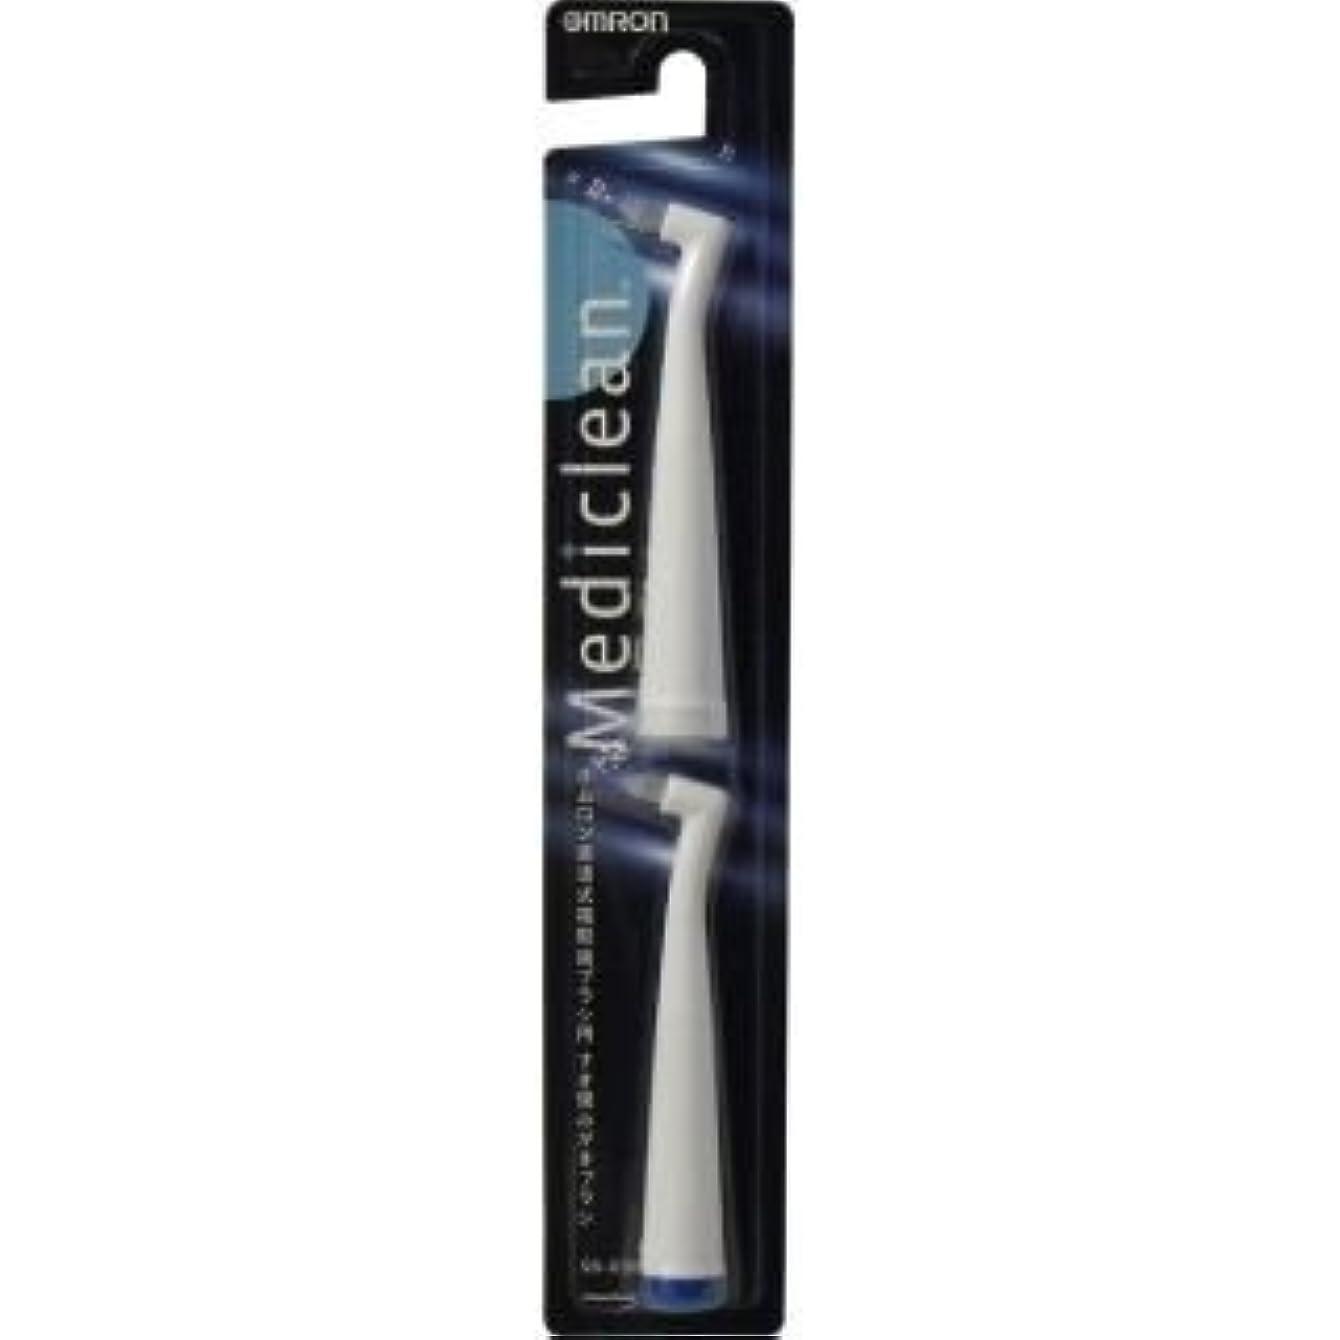 オムロン音波式電動歯ブラシ専用の替ブラシです!オムロン 音波式電動歯ブラシ用 すき間みがきブラシ 2個入 SB-090